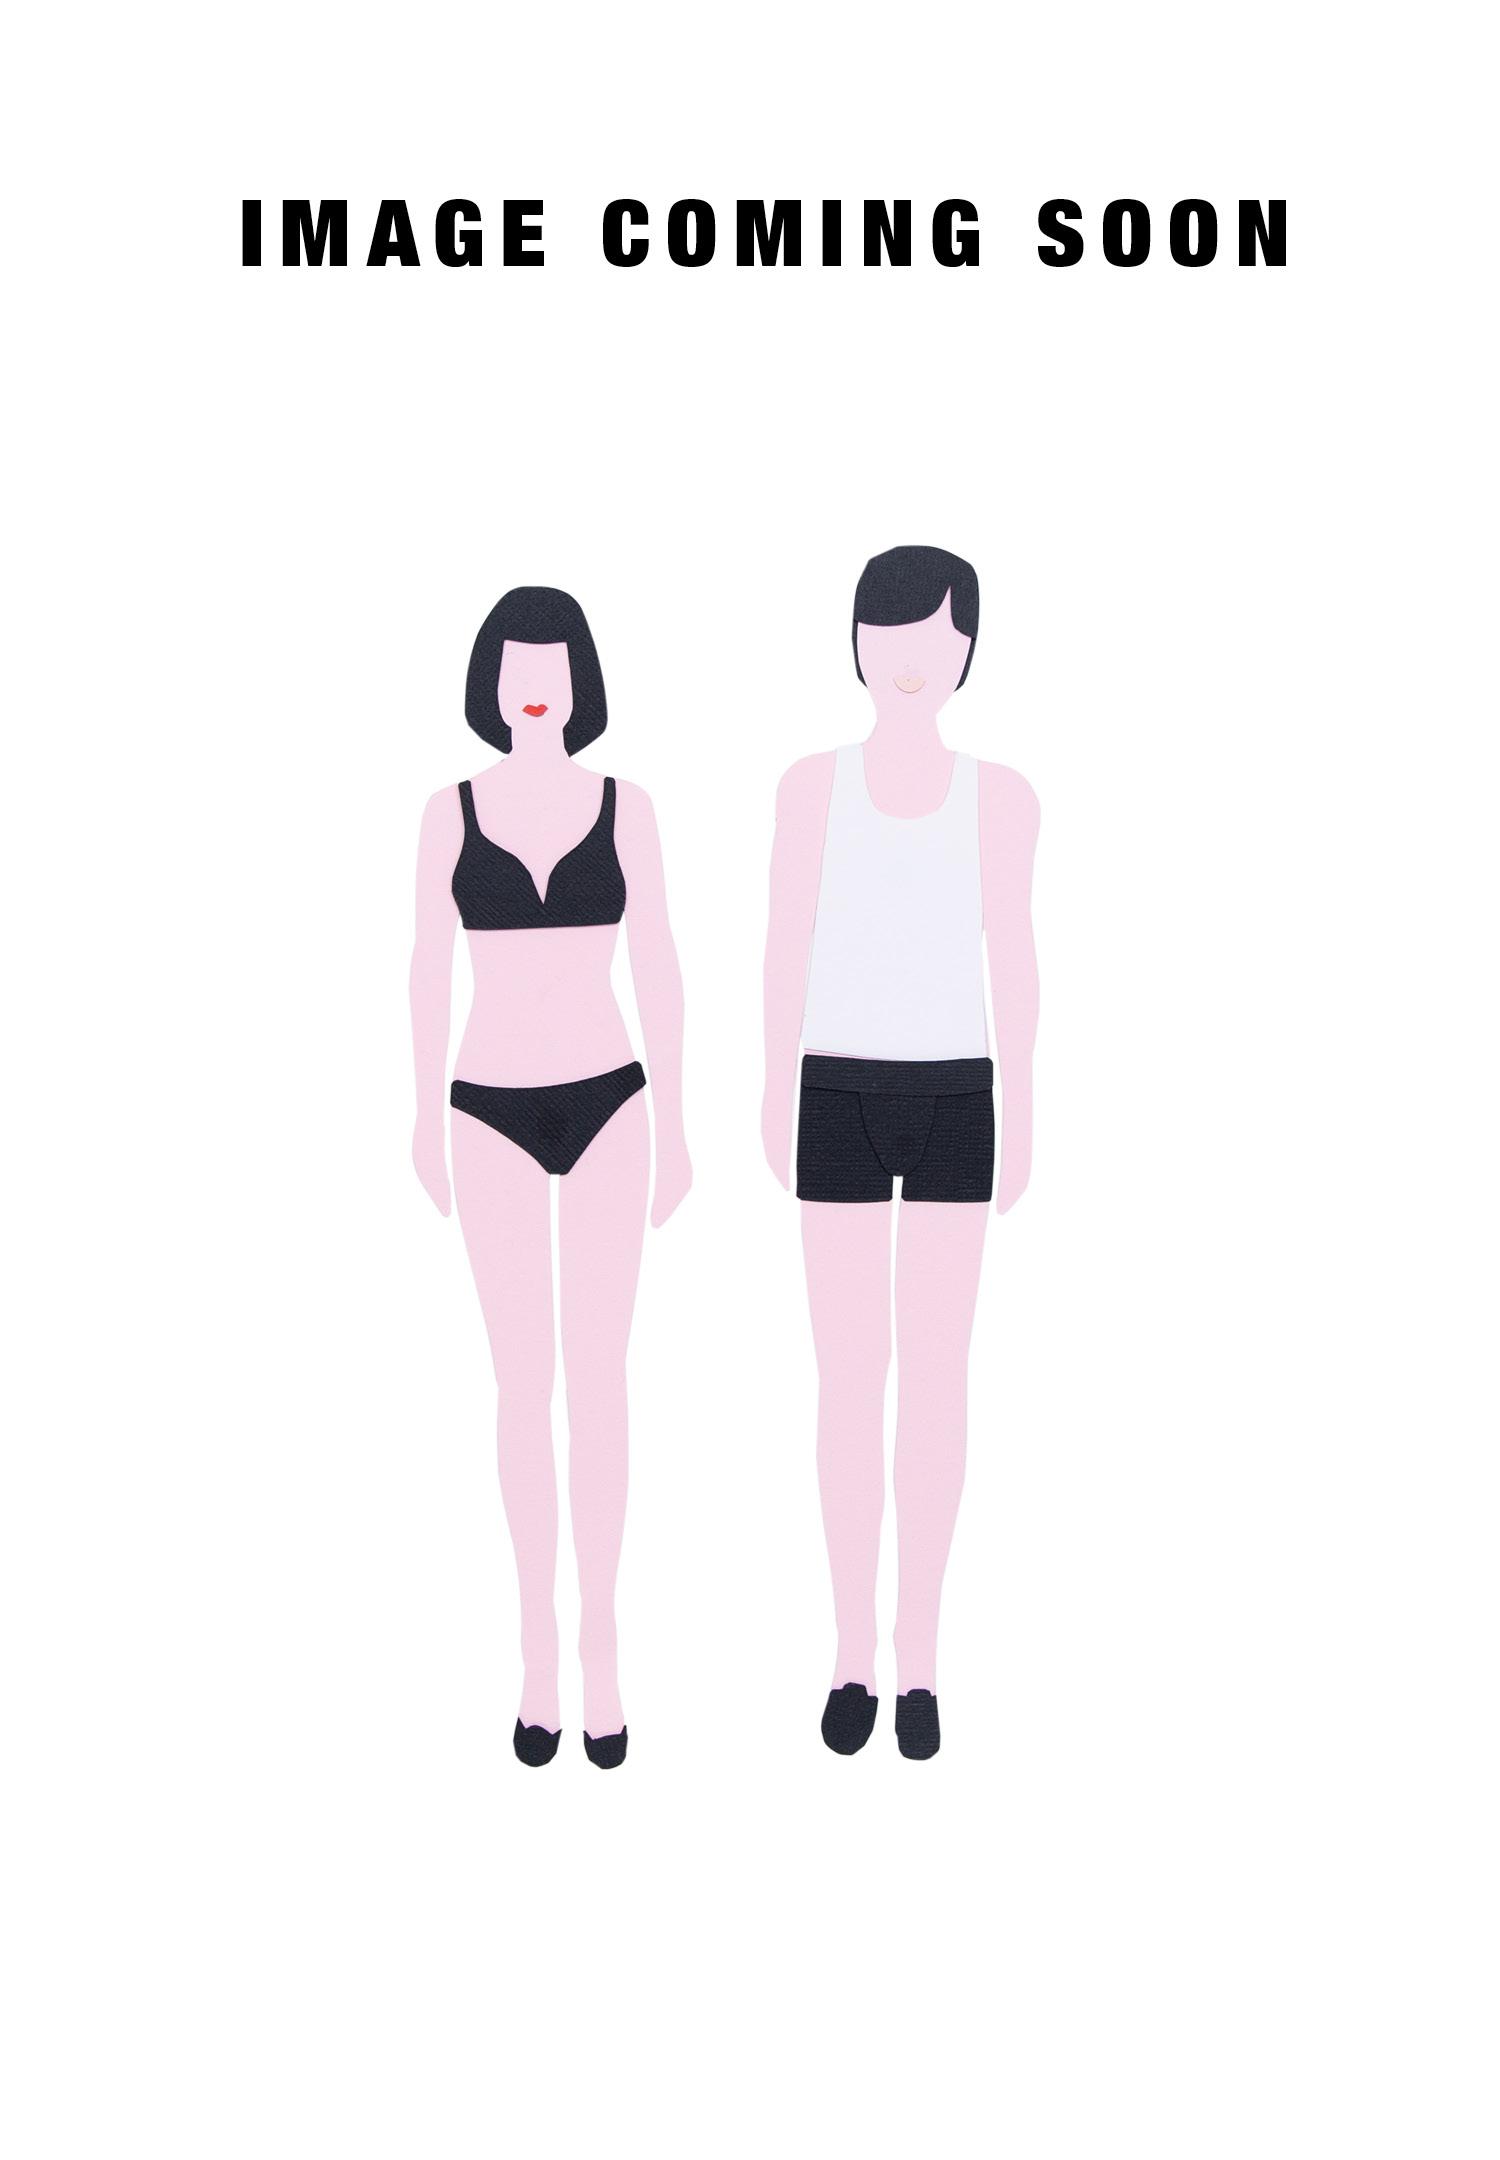 Skiny_Basic_M_Sloungewear_pantslong_086830_087091_060.jpg